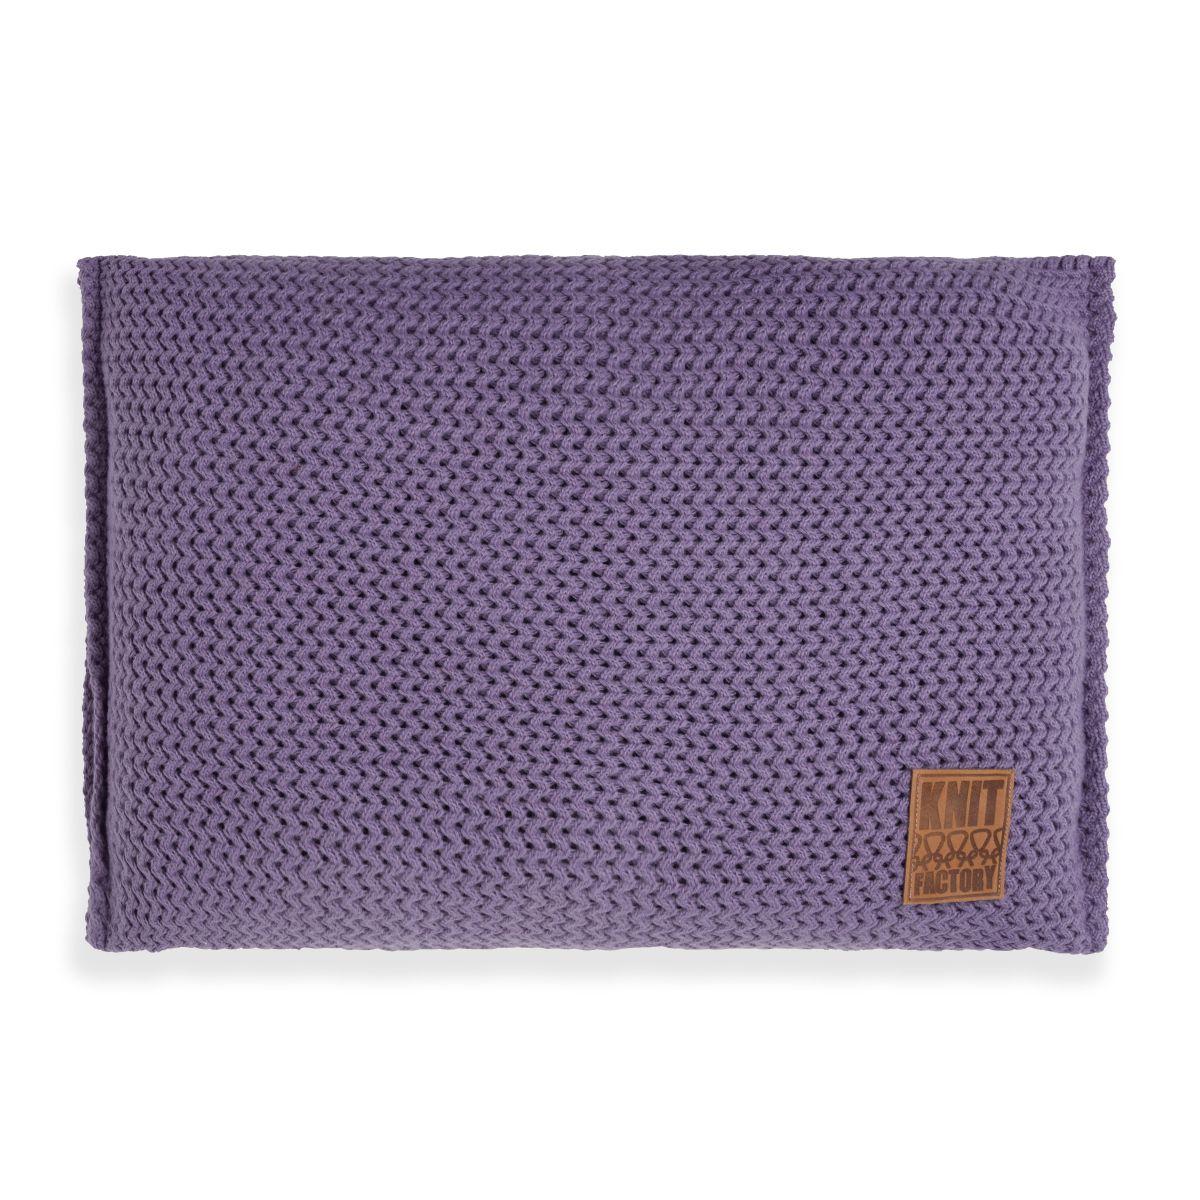 maxx kussen violet 60x40